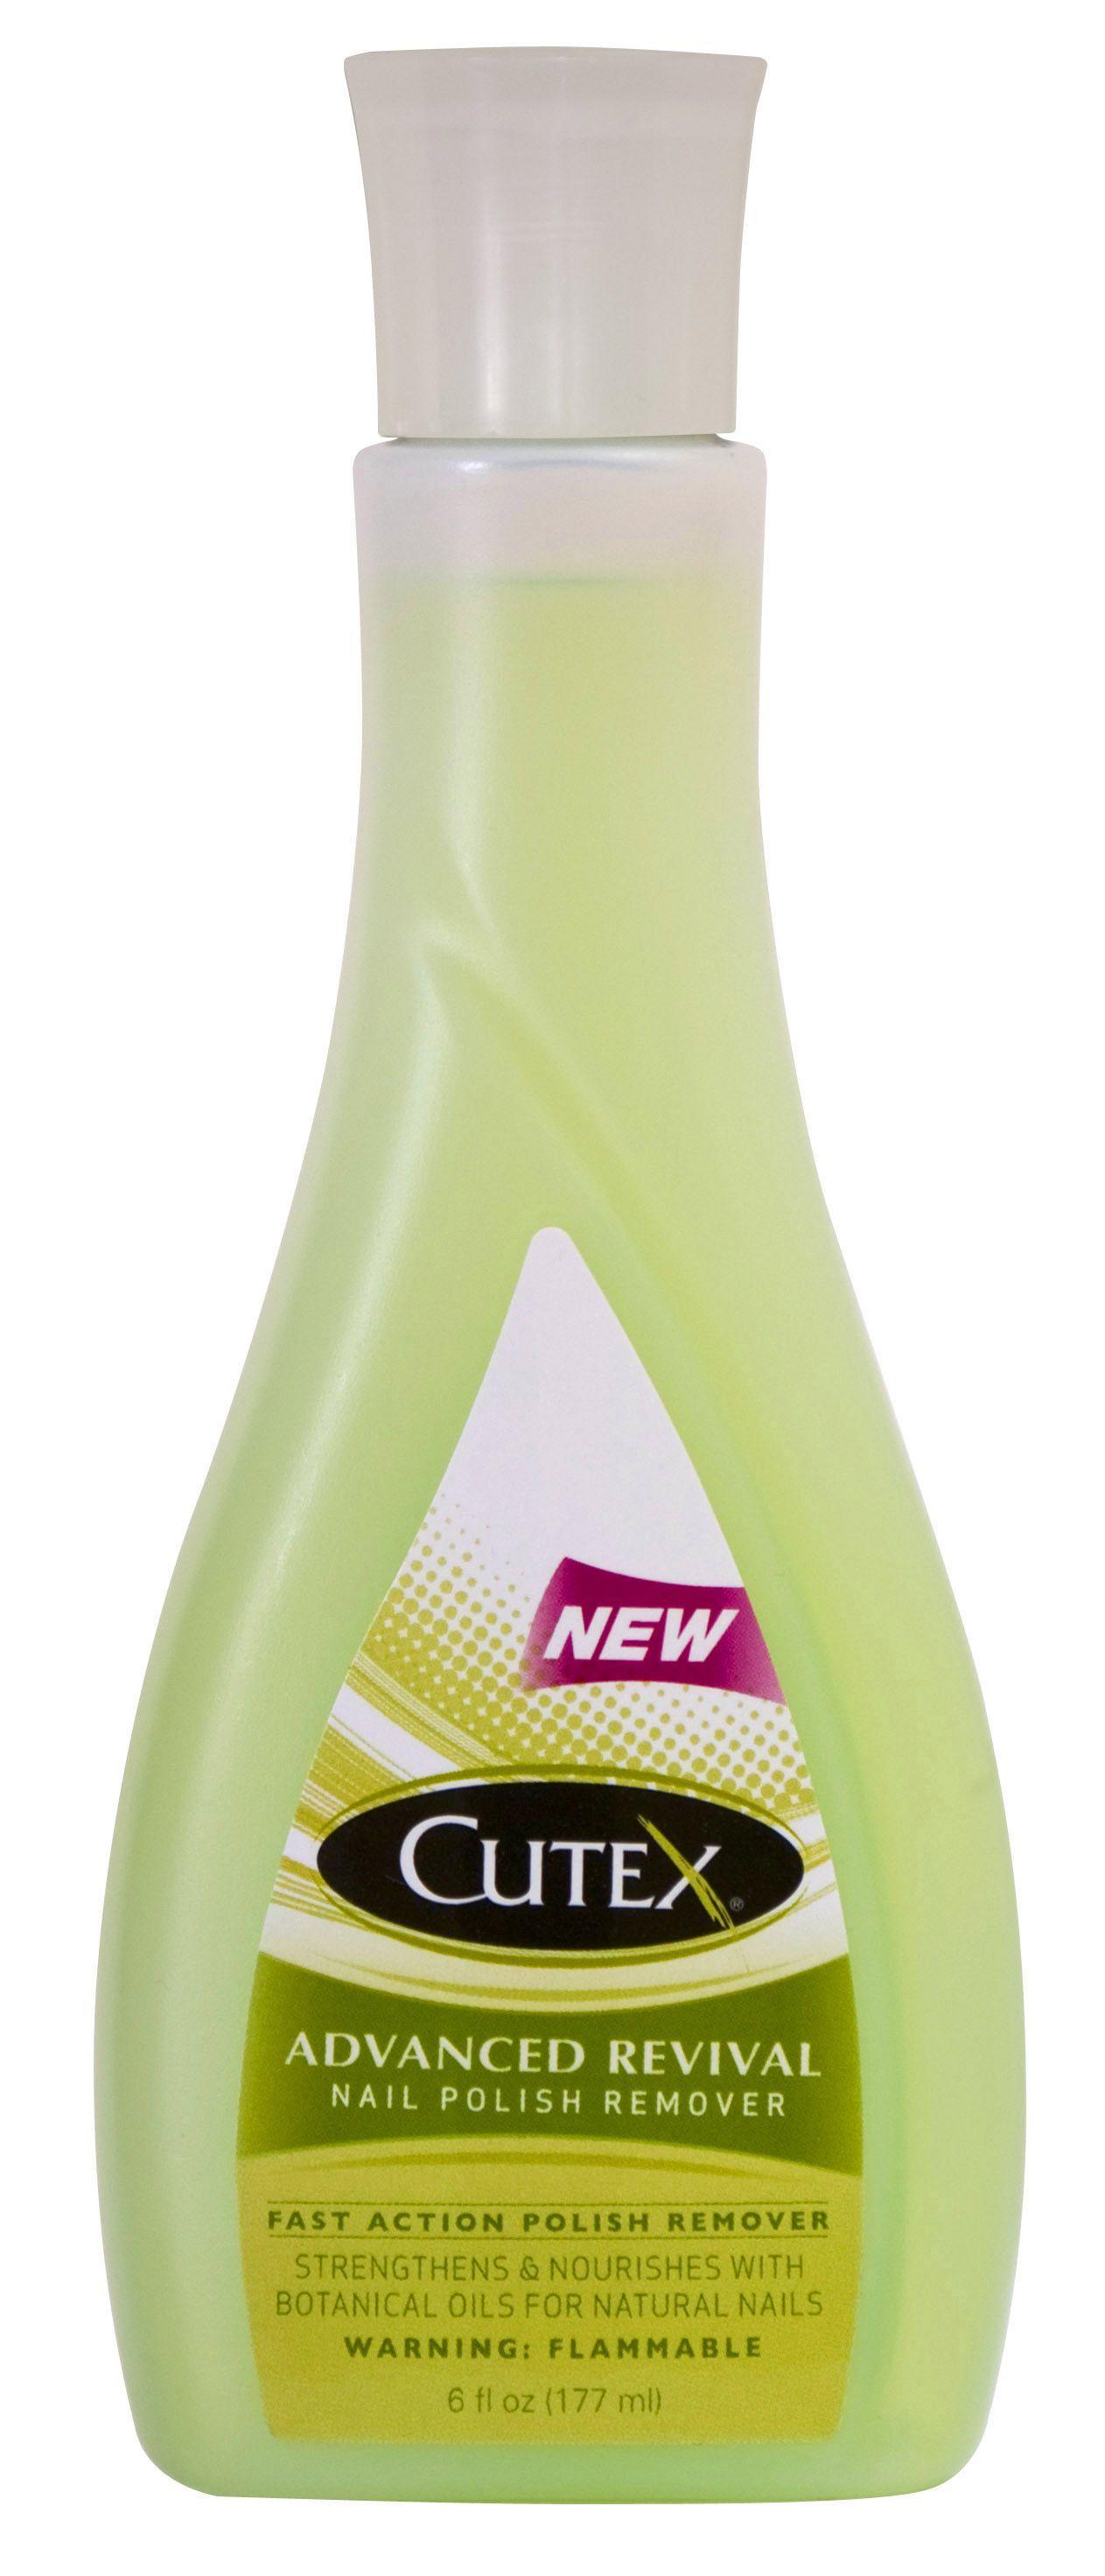 The New Nail Polish Remover Salon Fanatic Nail Polish Remover Cutex Nail Polish